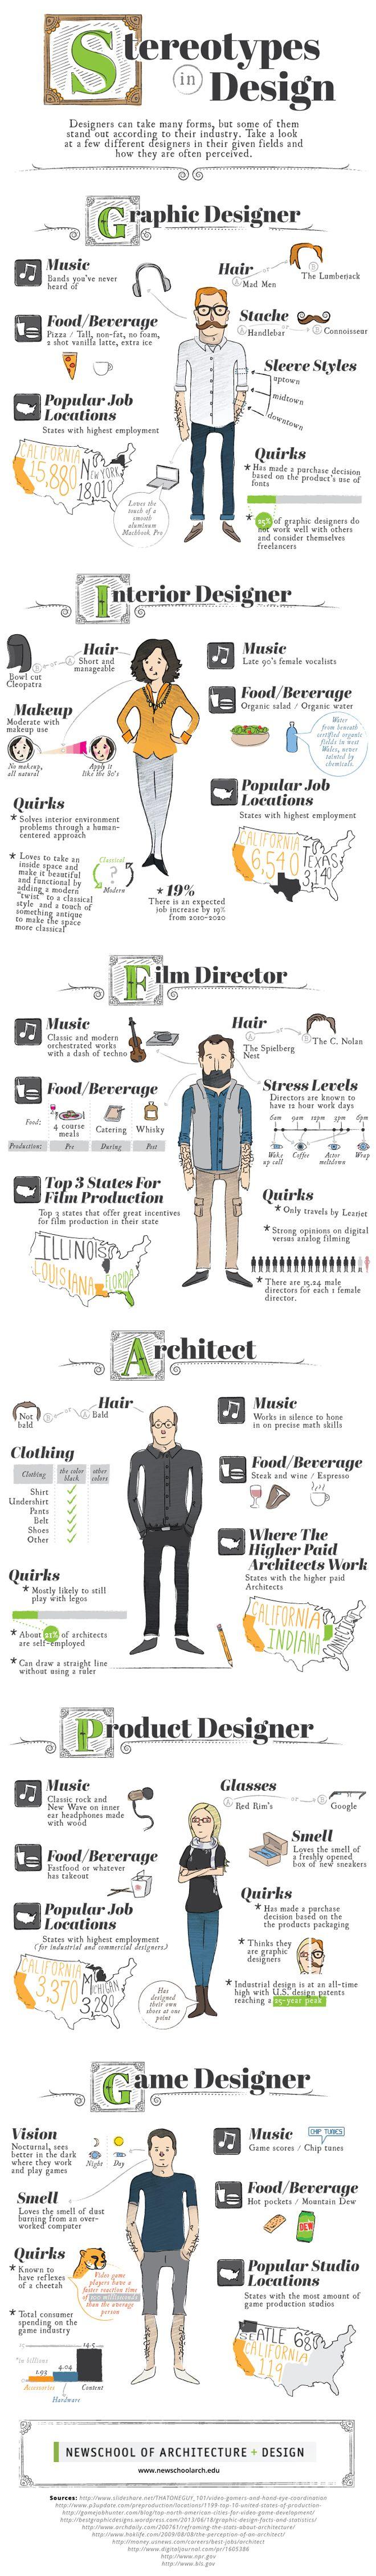 Infográfico revela os estereótipos mais comuns associados aos designers - Blue Bus